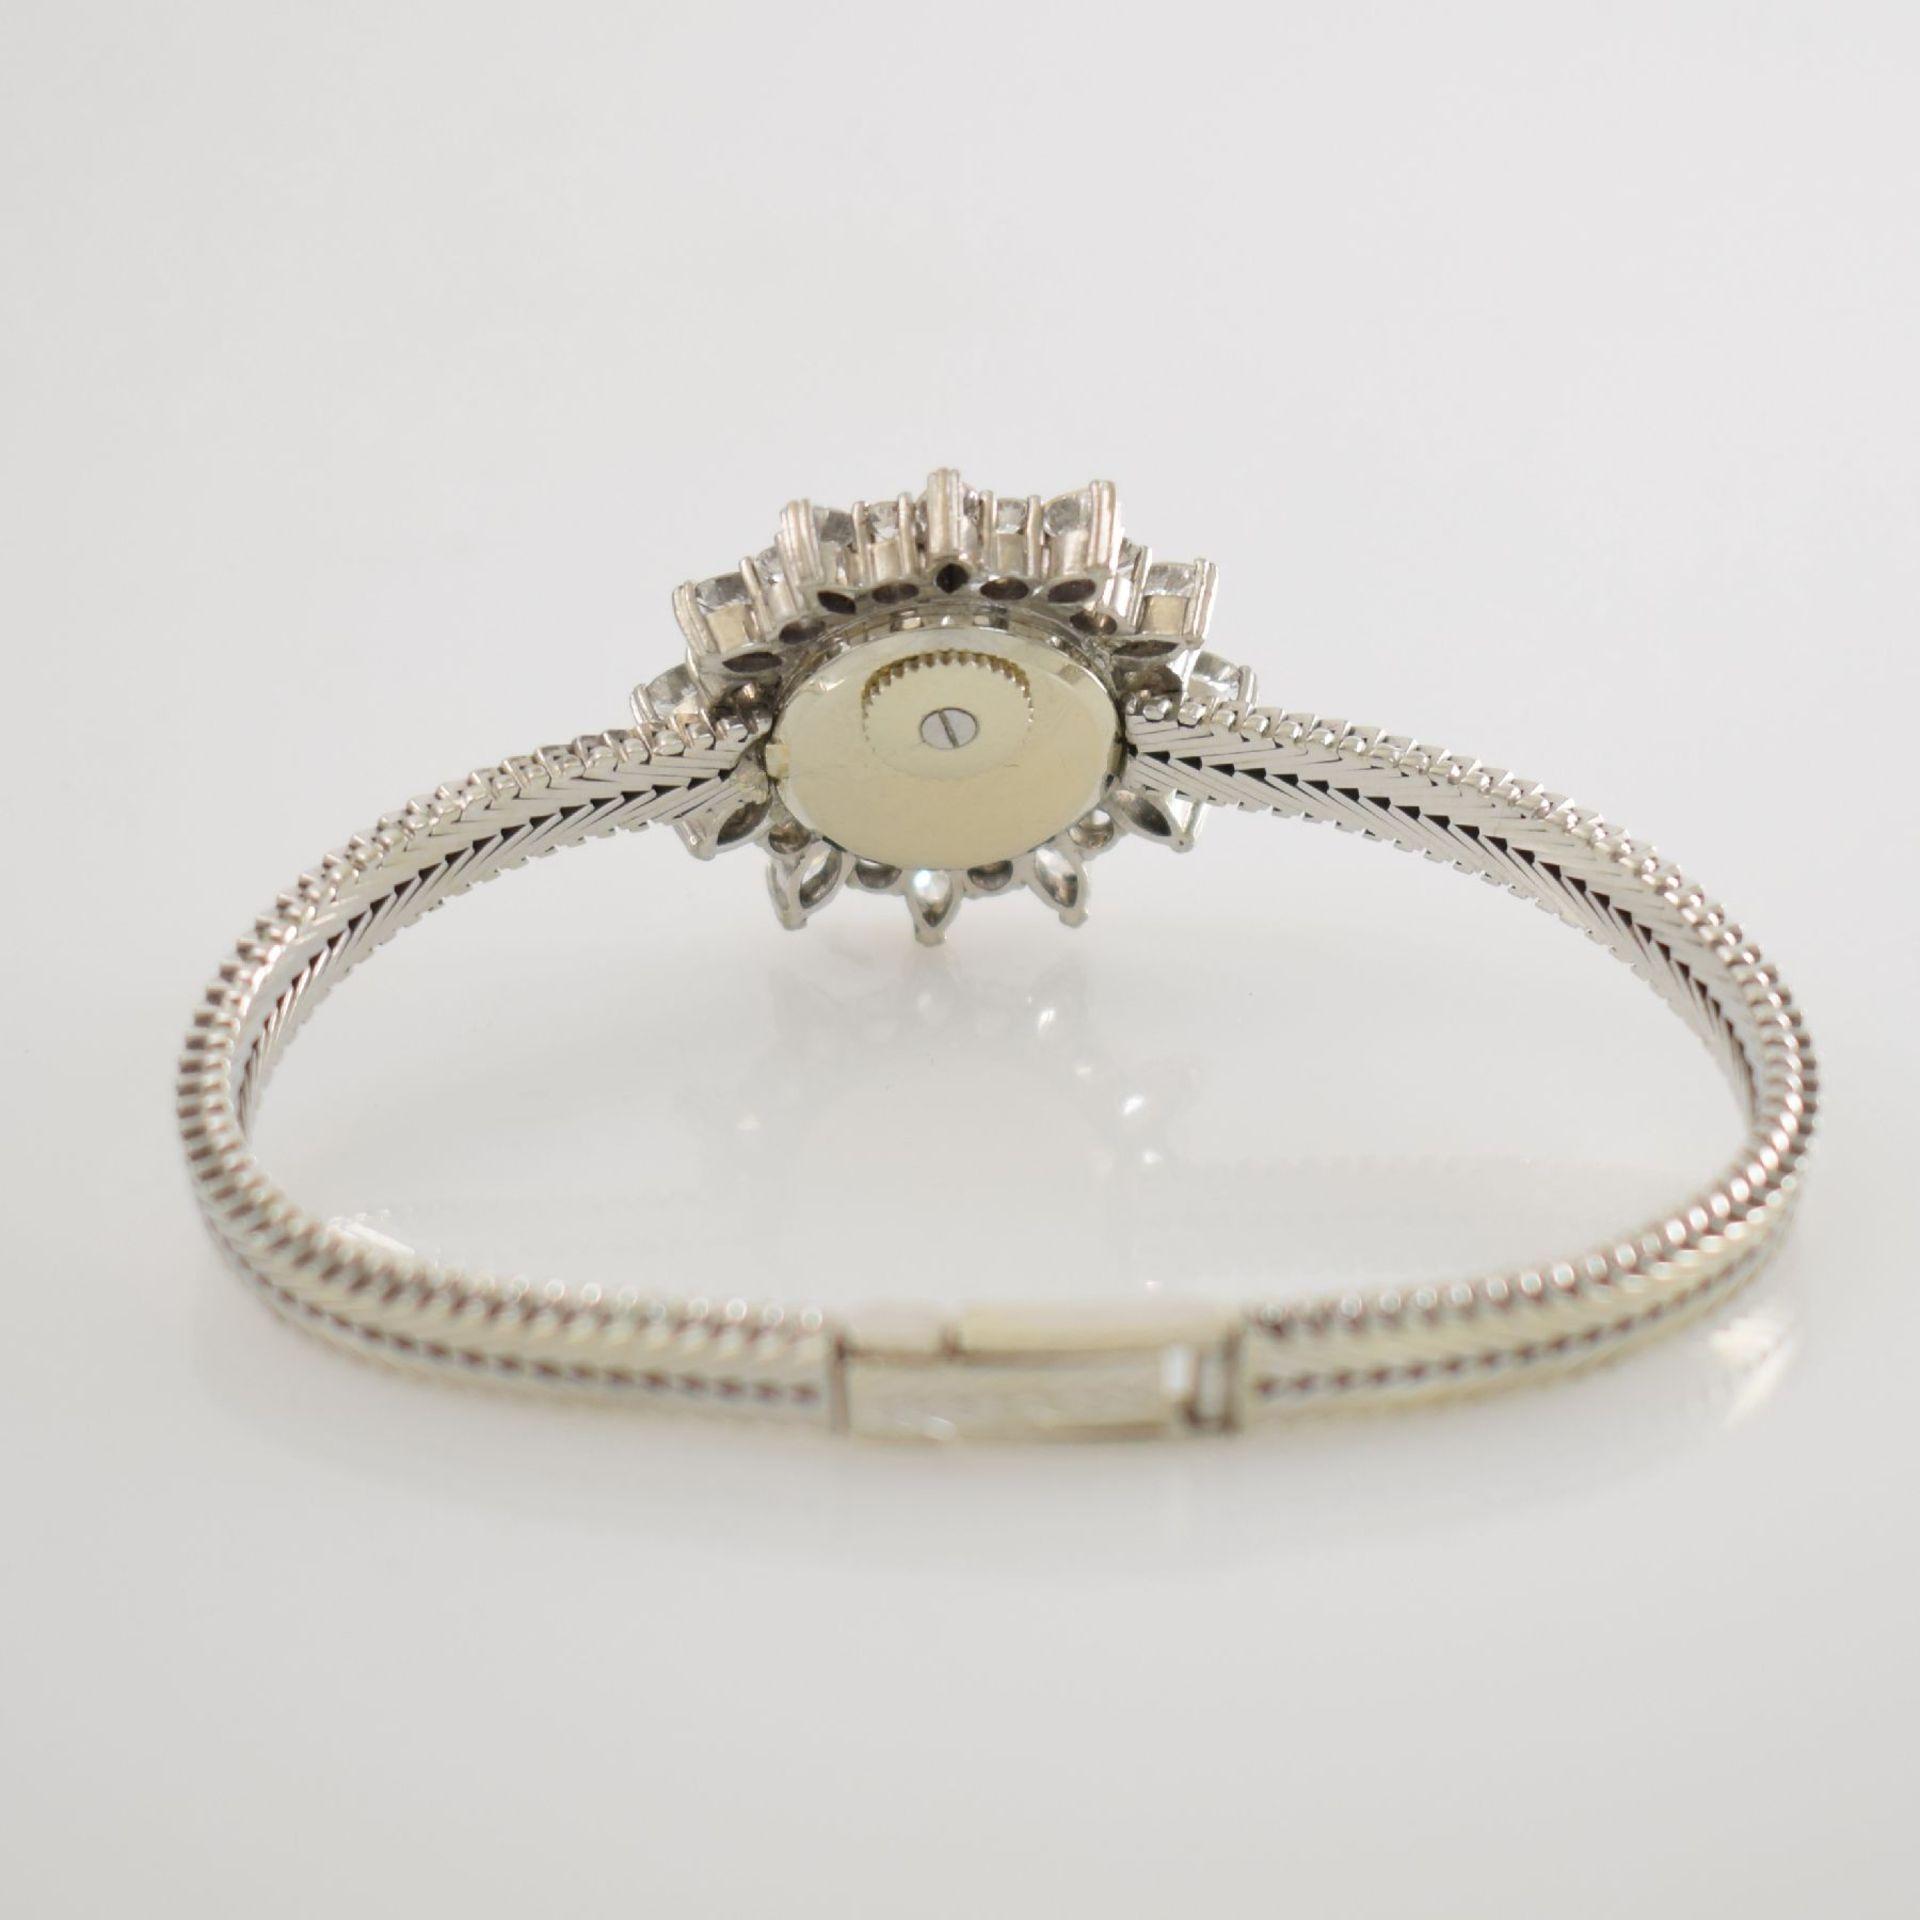 BLANCPAIN ausgefallene Damenarmbanduhr in WG 750/000 mit Diamantenbesatz zus. ca. 2,5 ct, Schweiz - Bild 7 aus 8